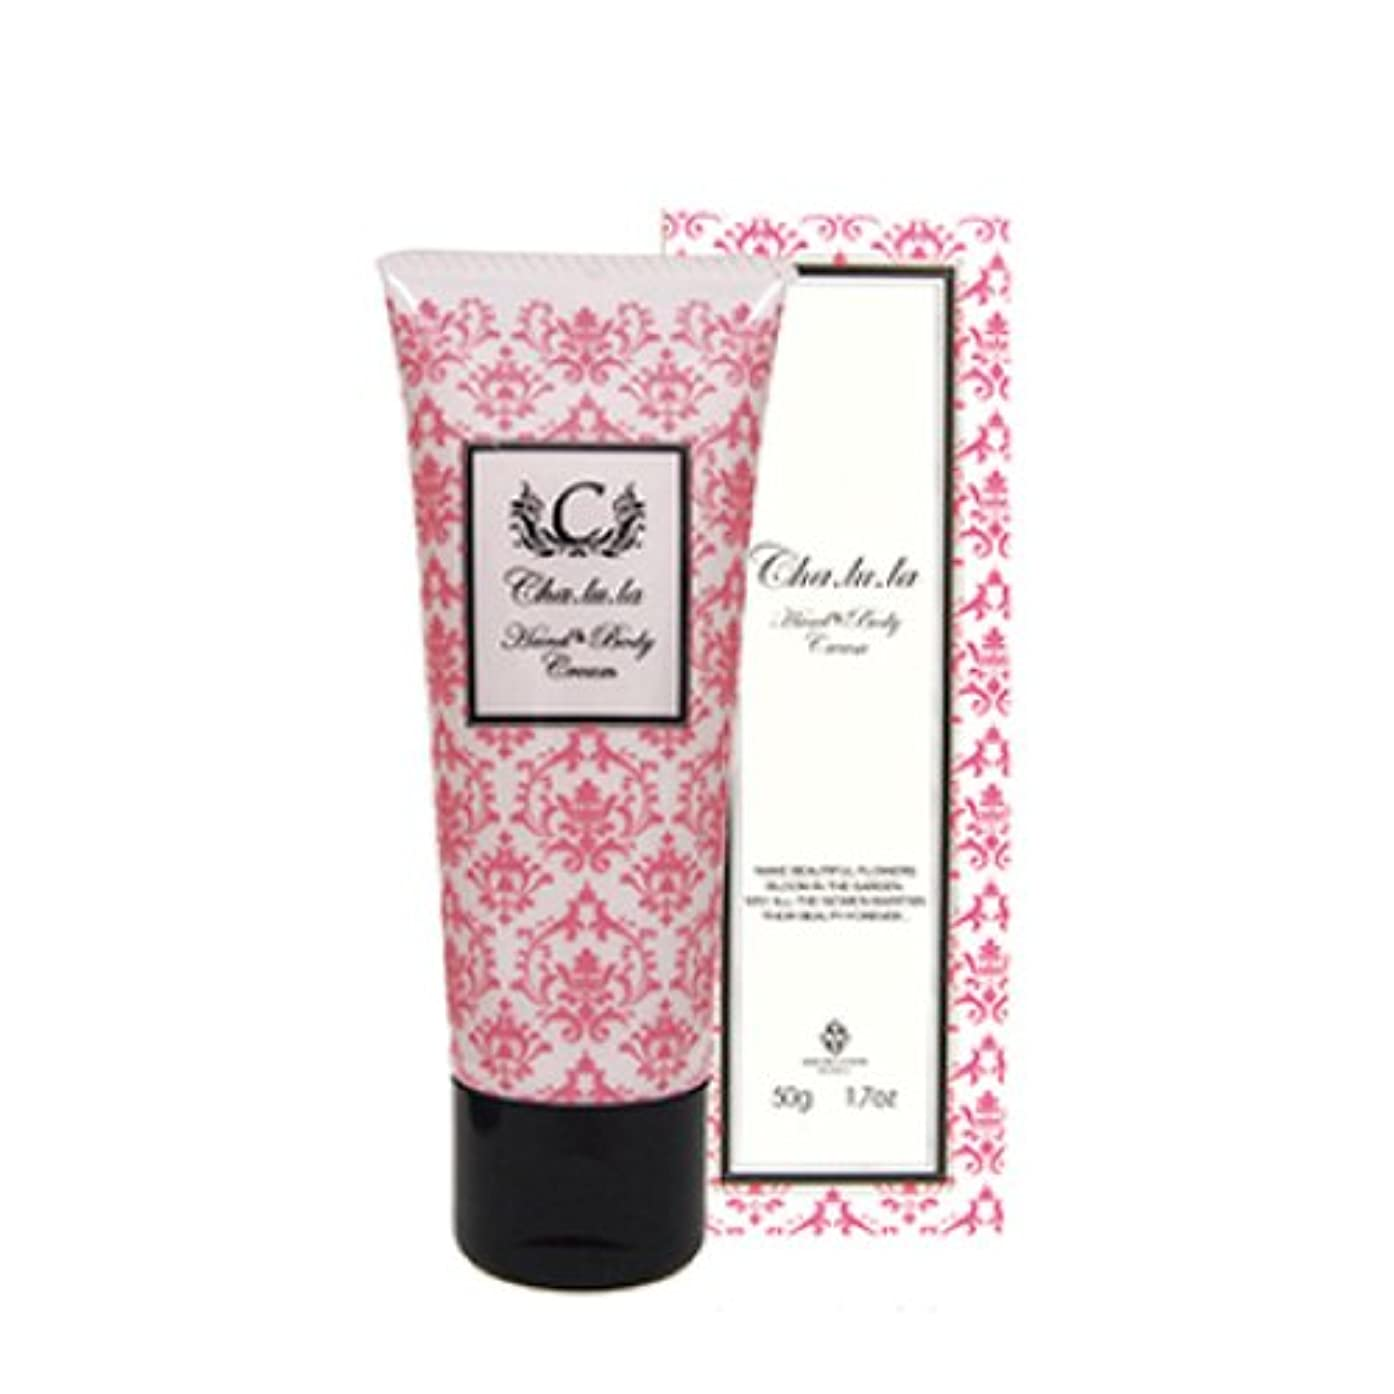 征服する増幅器閉塞シャルラ H&Bクリーム チャームフレグランスの香り <ハンド&ボディークリーム> 50g